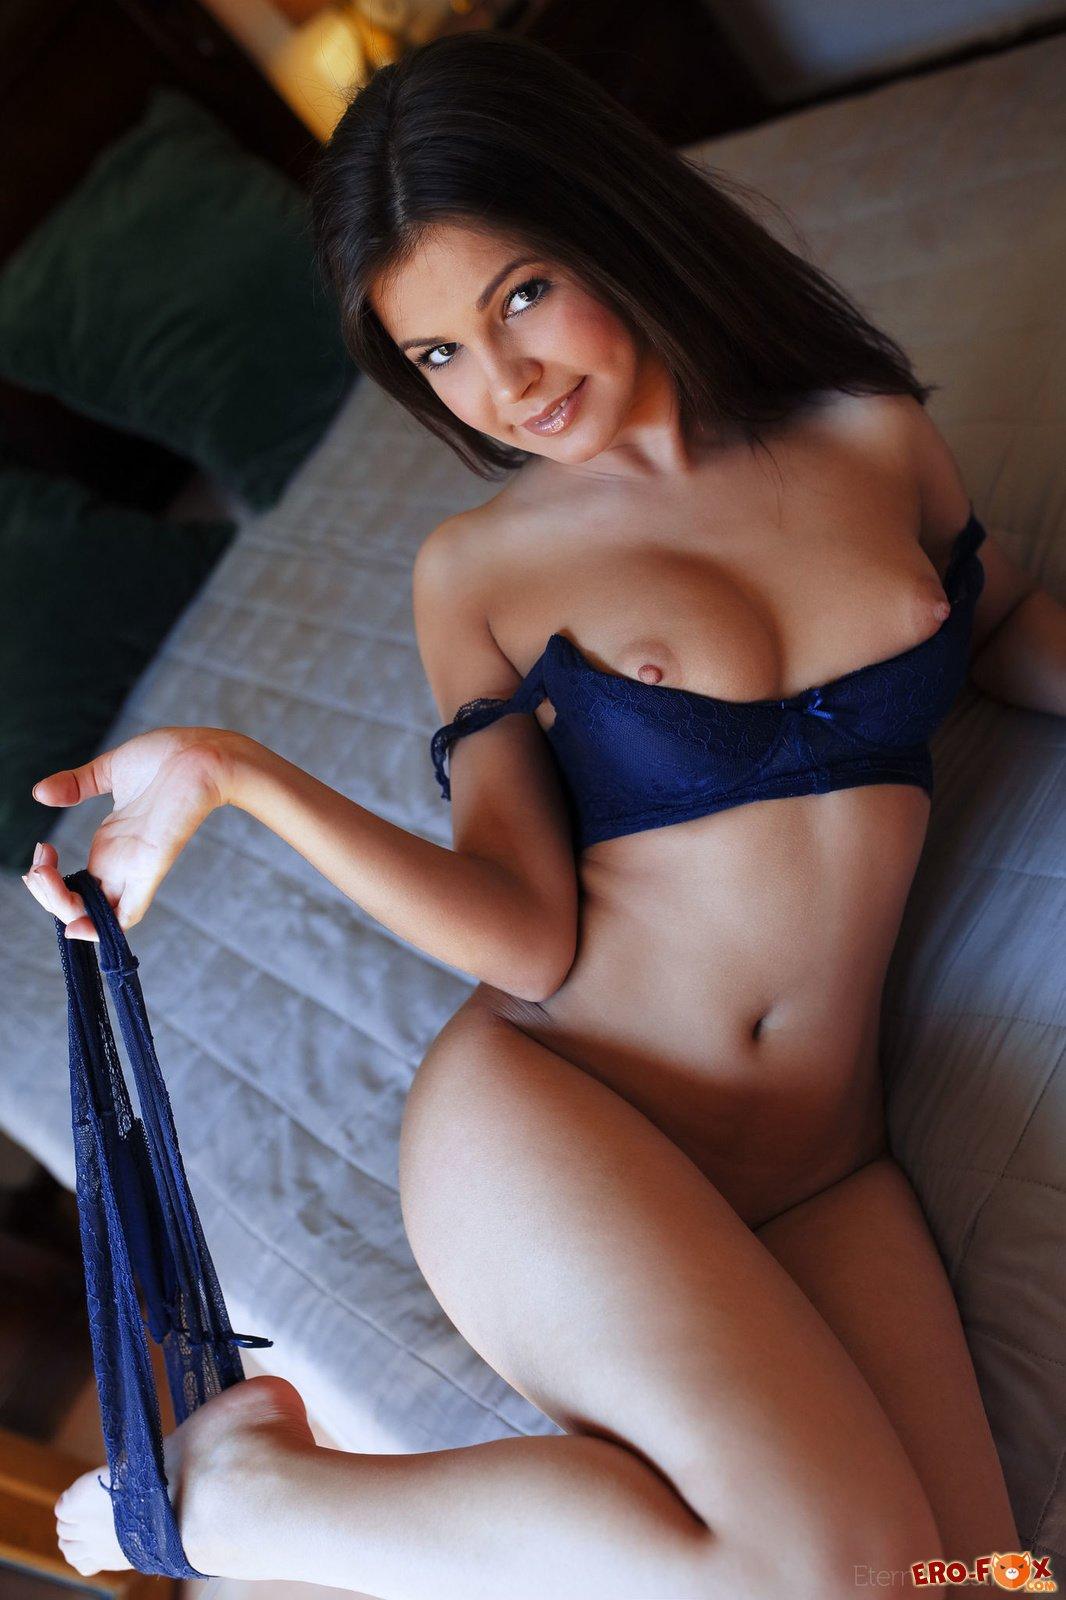 Красивая девушка в синем нижнем белье